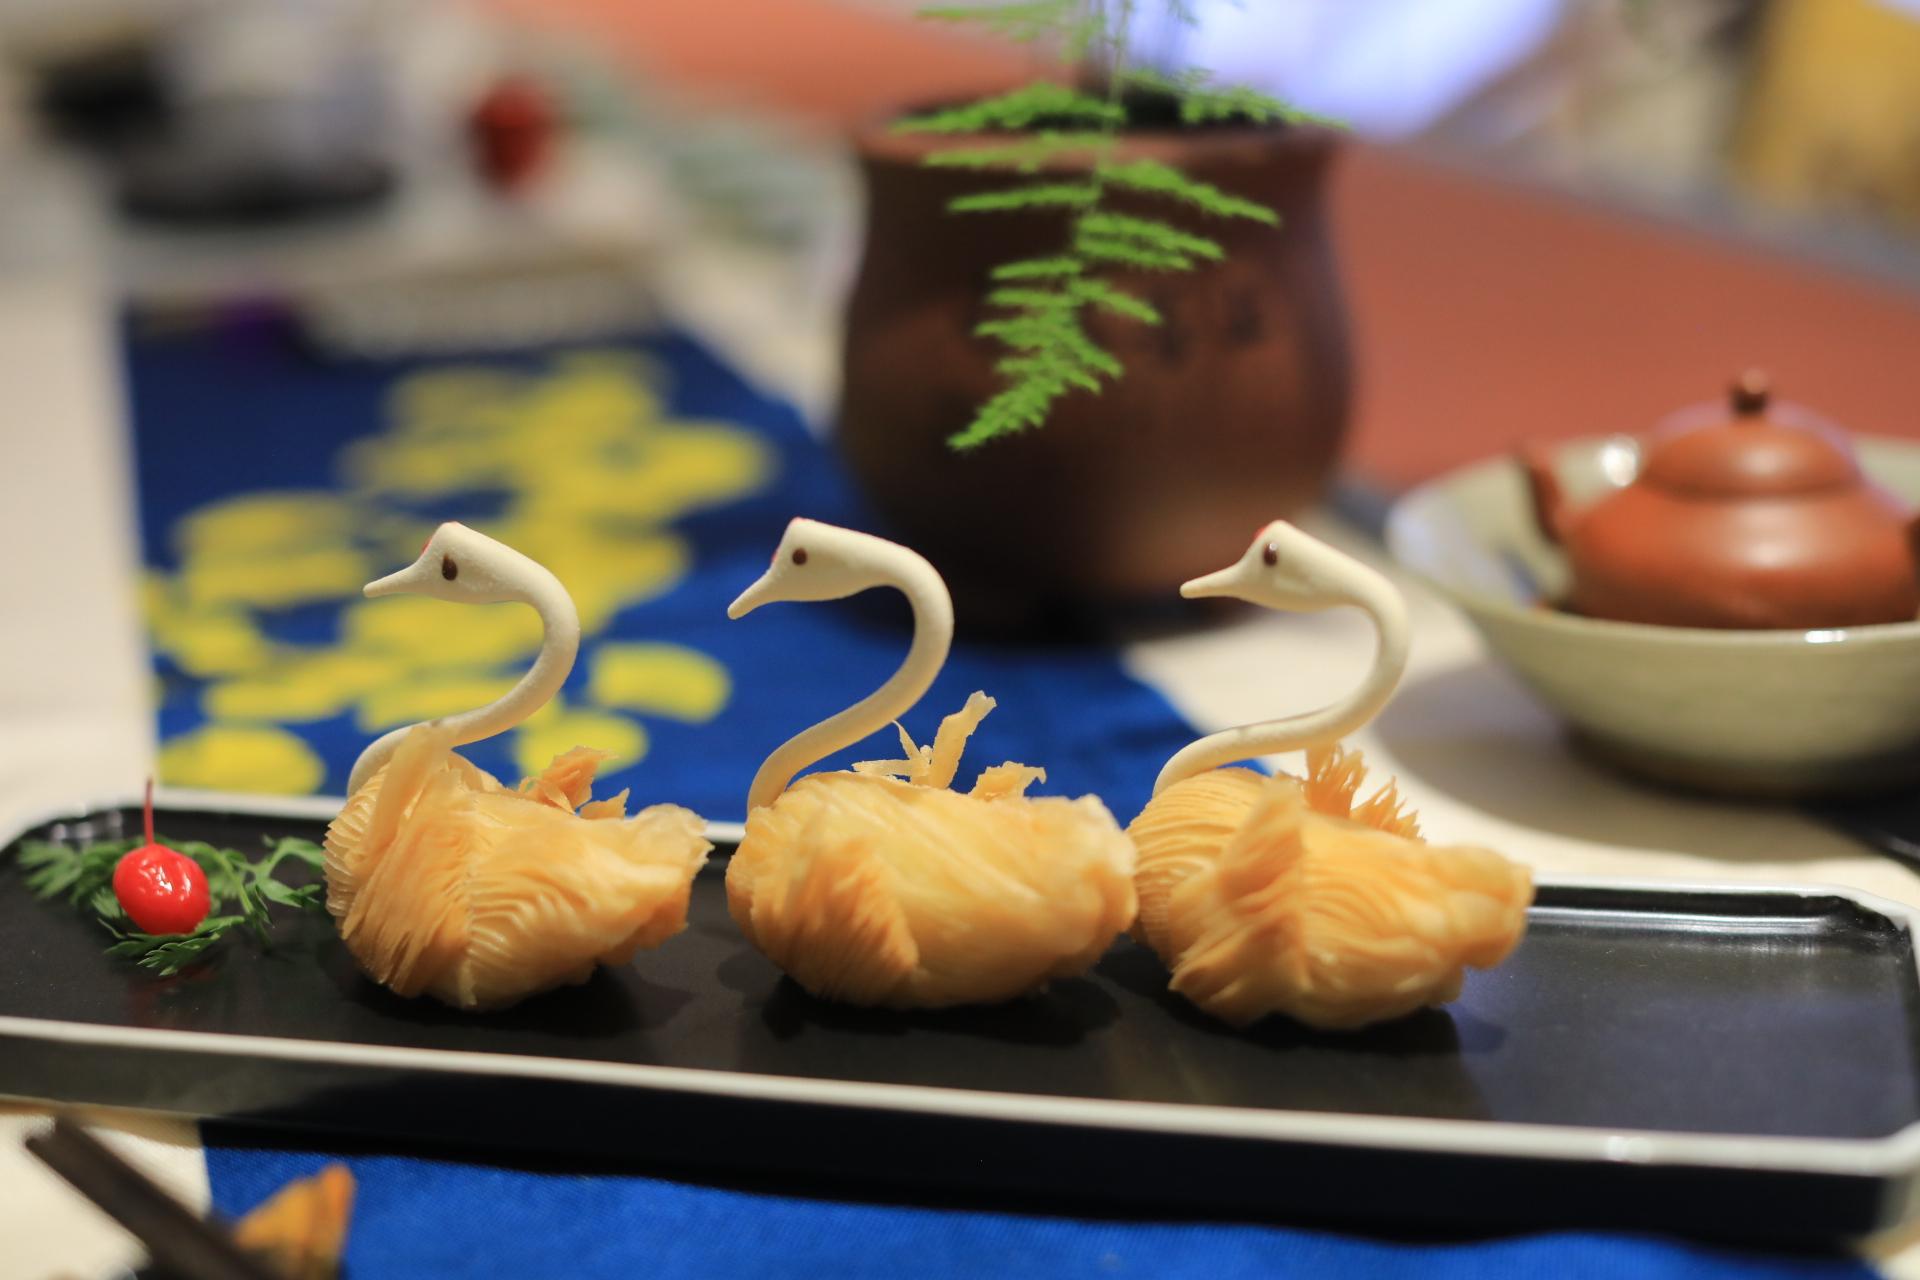 茶食文化相融合的永昌泰茶馆